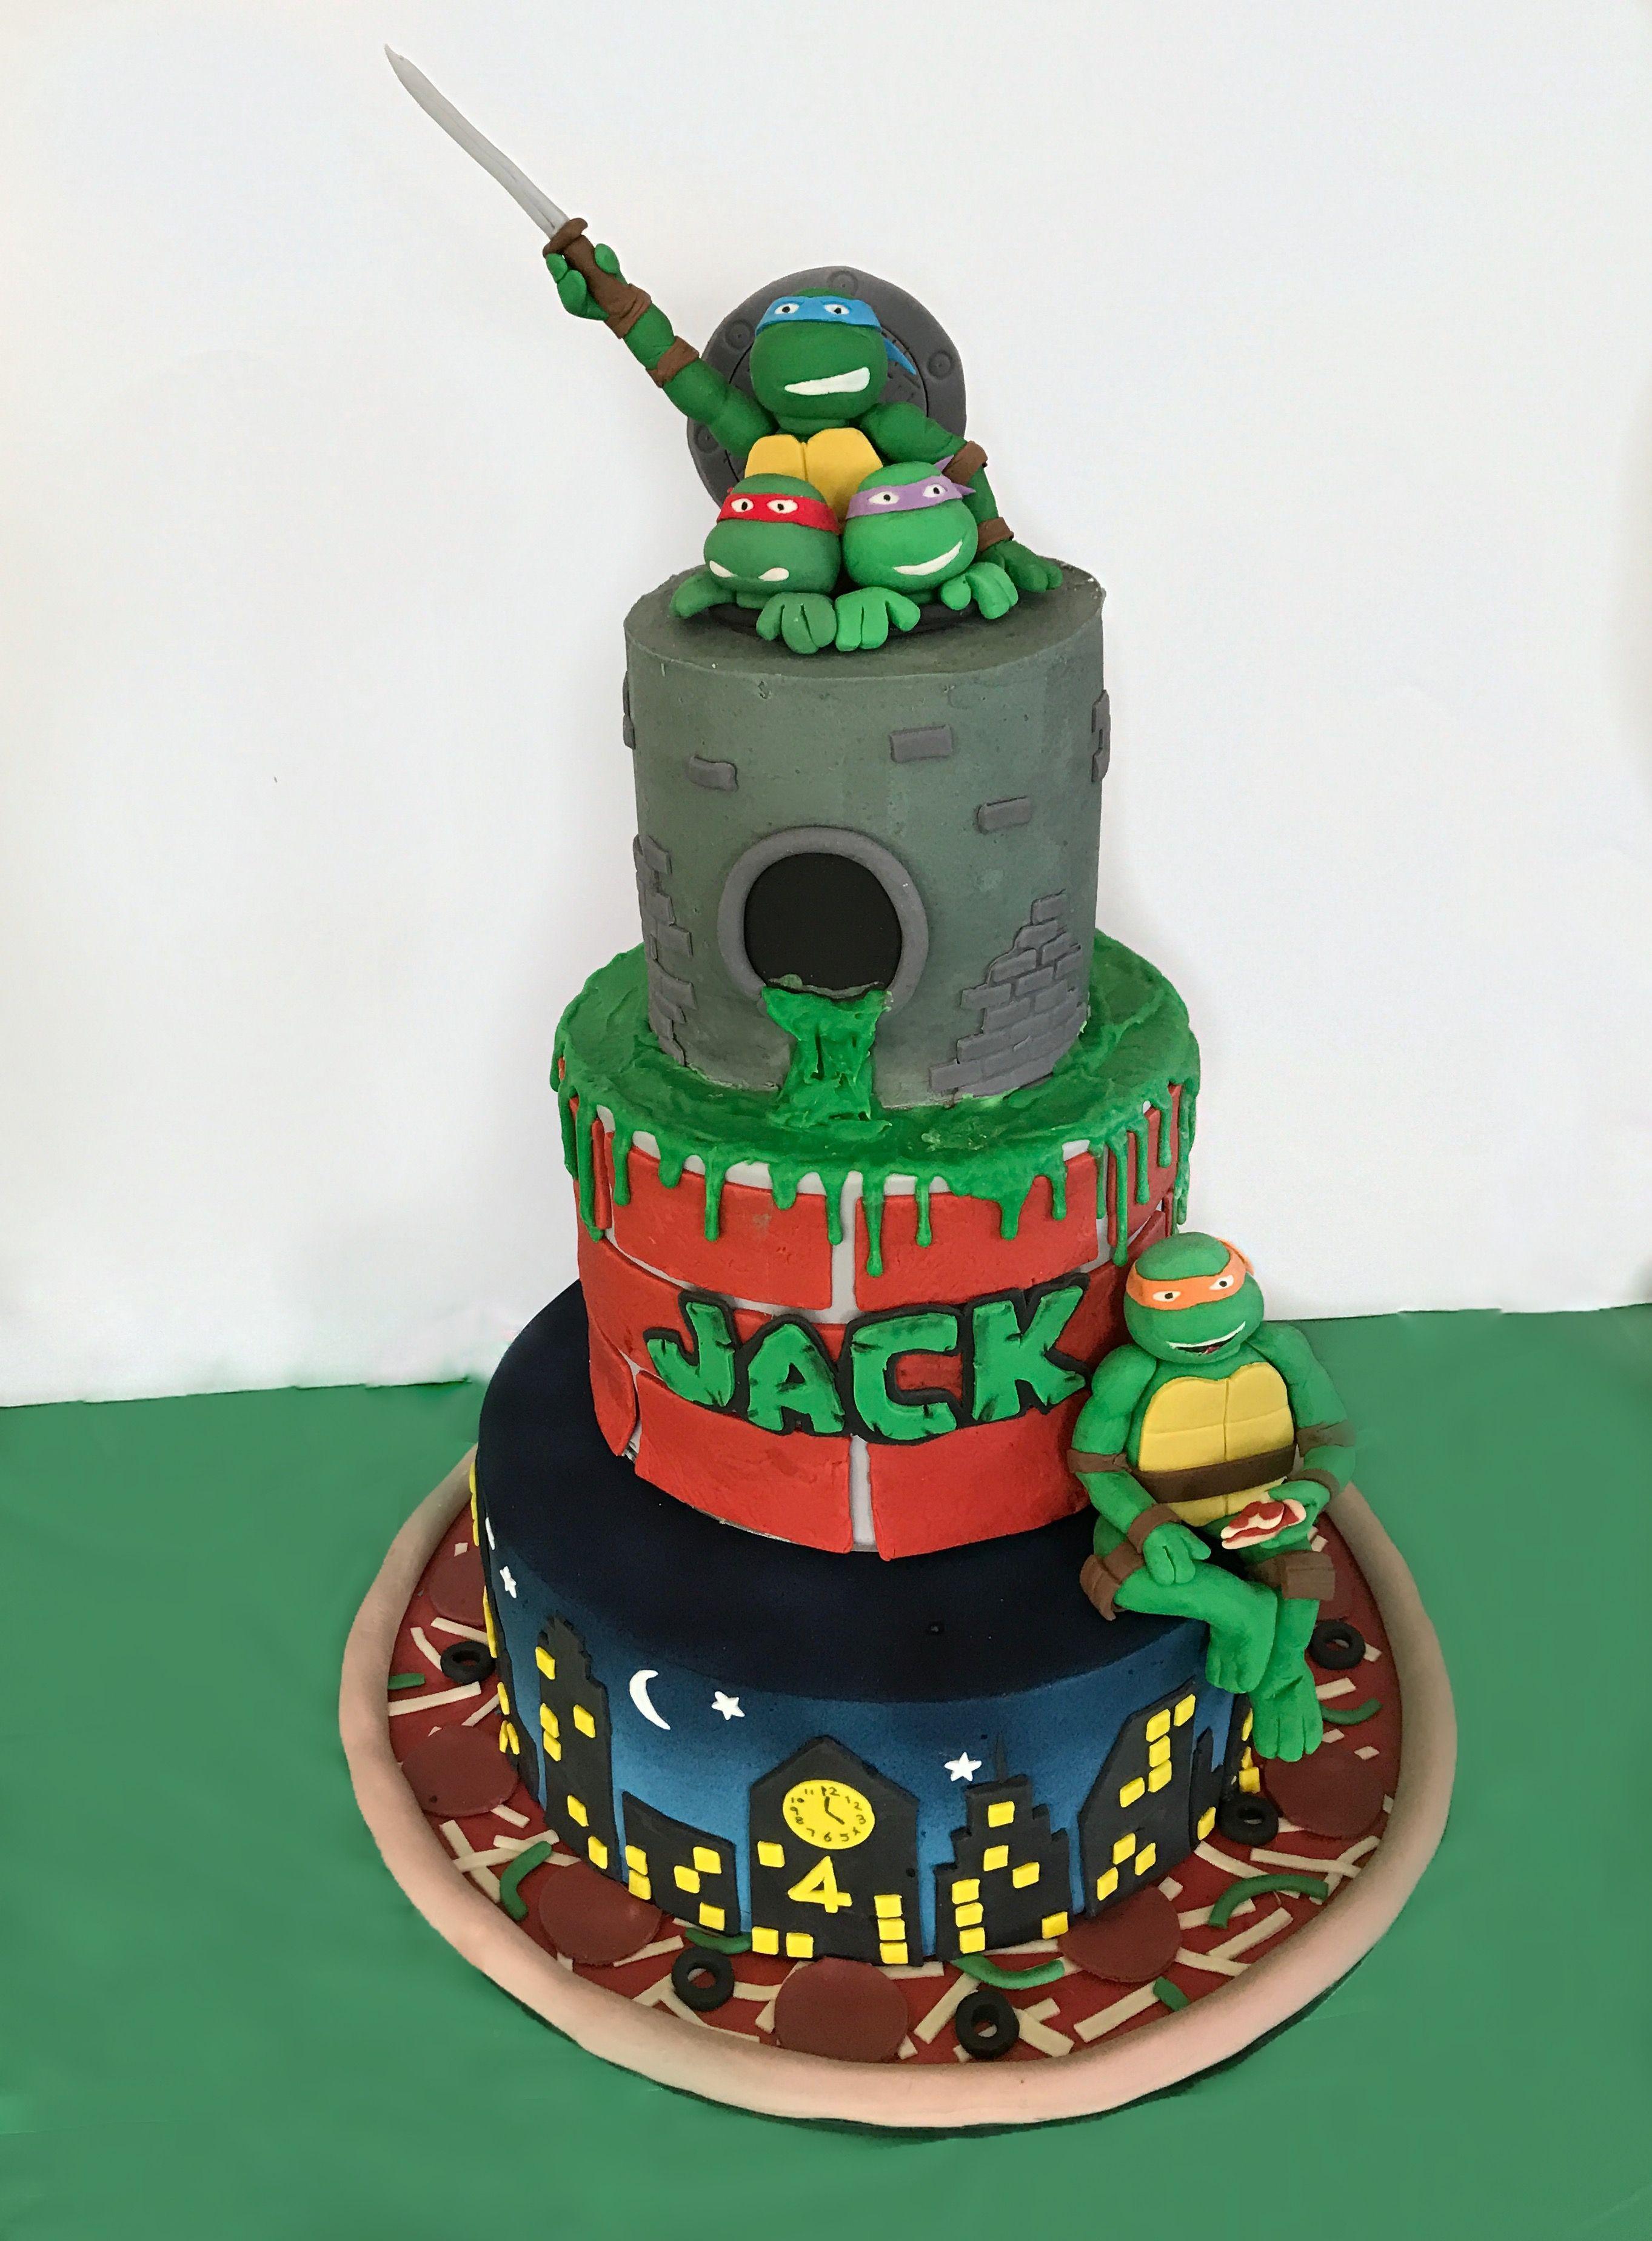 Teenage Mutant Ninja Turtles Cake 3 Tiers Tmnt Party Ninja Turtle Cake Teenage Mutant Ninja Turtle Cake Teenage Mutant Ninja Turtle Party Food